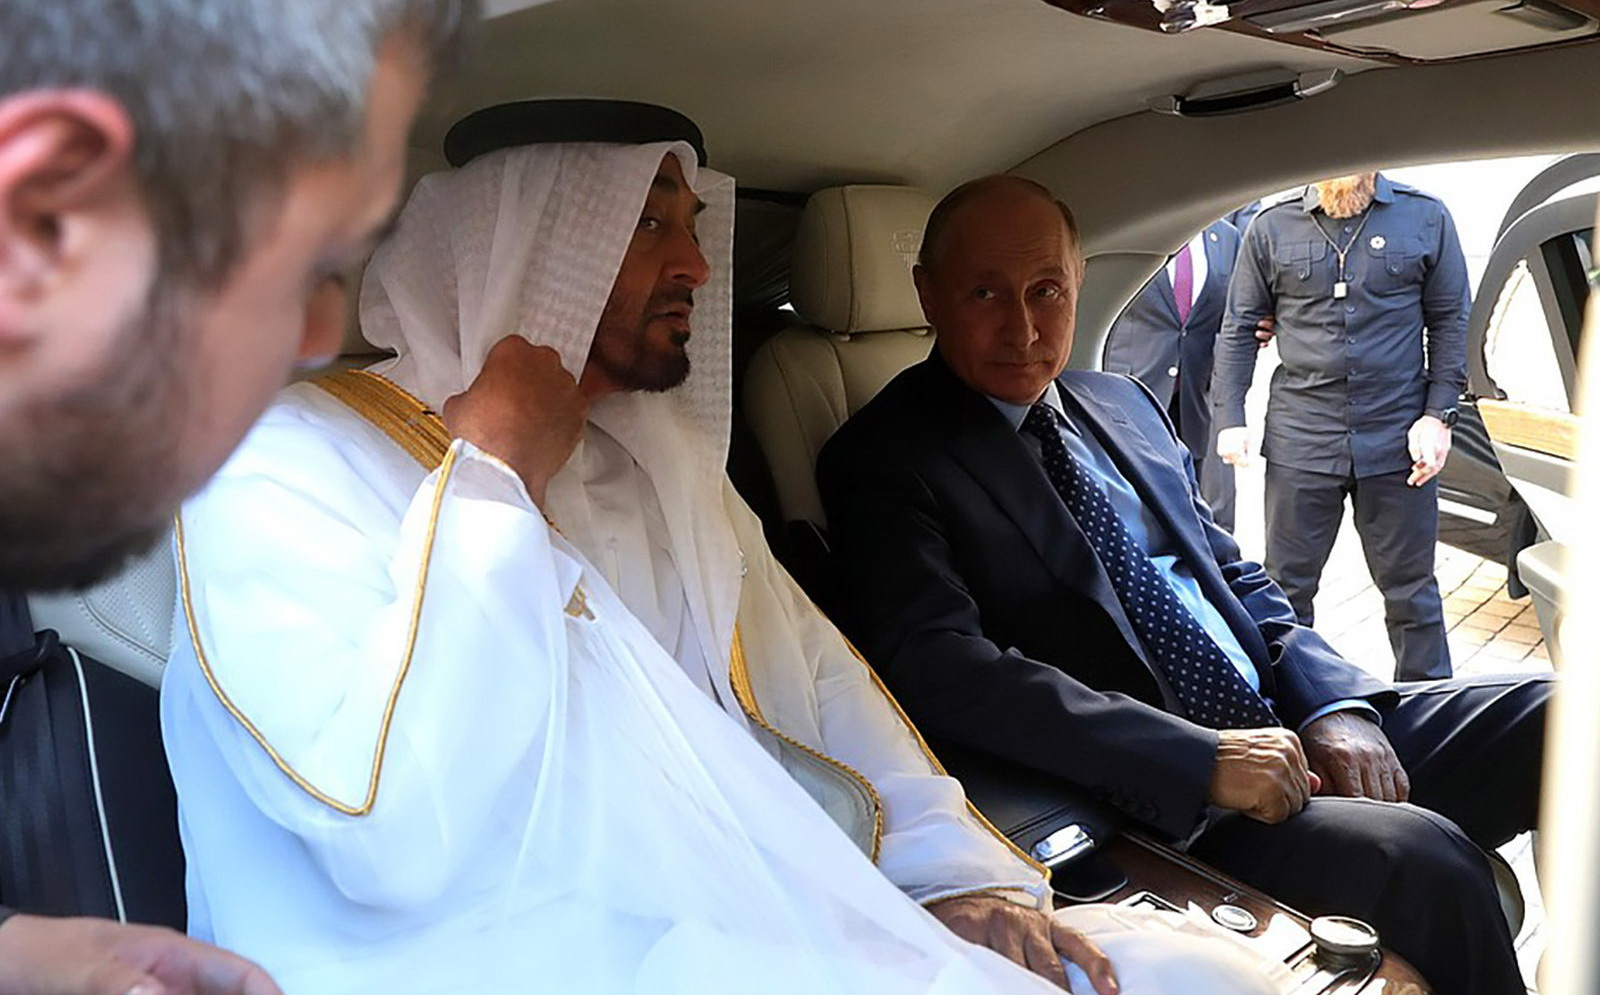 """(video) Putin i-a arătat unui prinţ arab limuzina sa, inclusiv interiorul: """"E mai mult decât un Mercedes"""""""